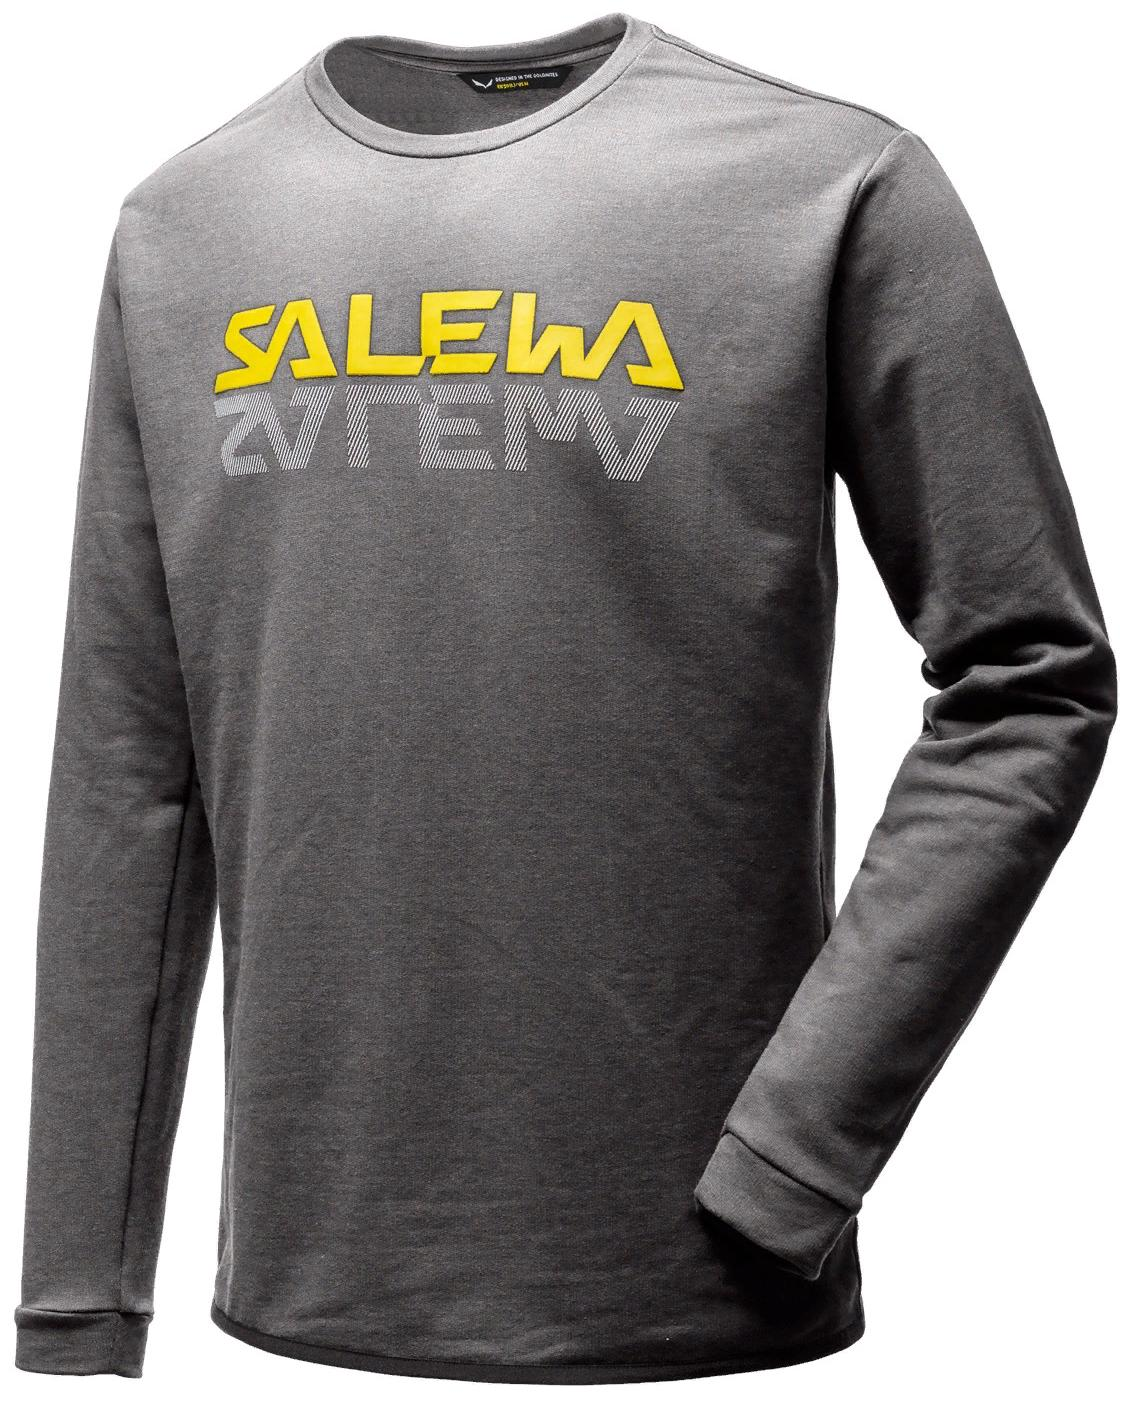 Футболка с длинным рукавом для активного отдыха Salewa 2018 REFLECTION DRI-REL M SWTR grey melange, Футболки - арт. 1042990179